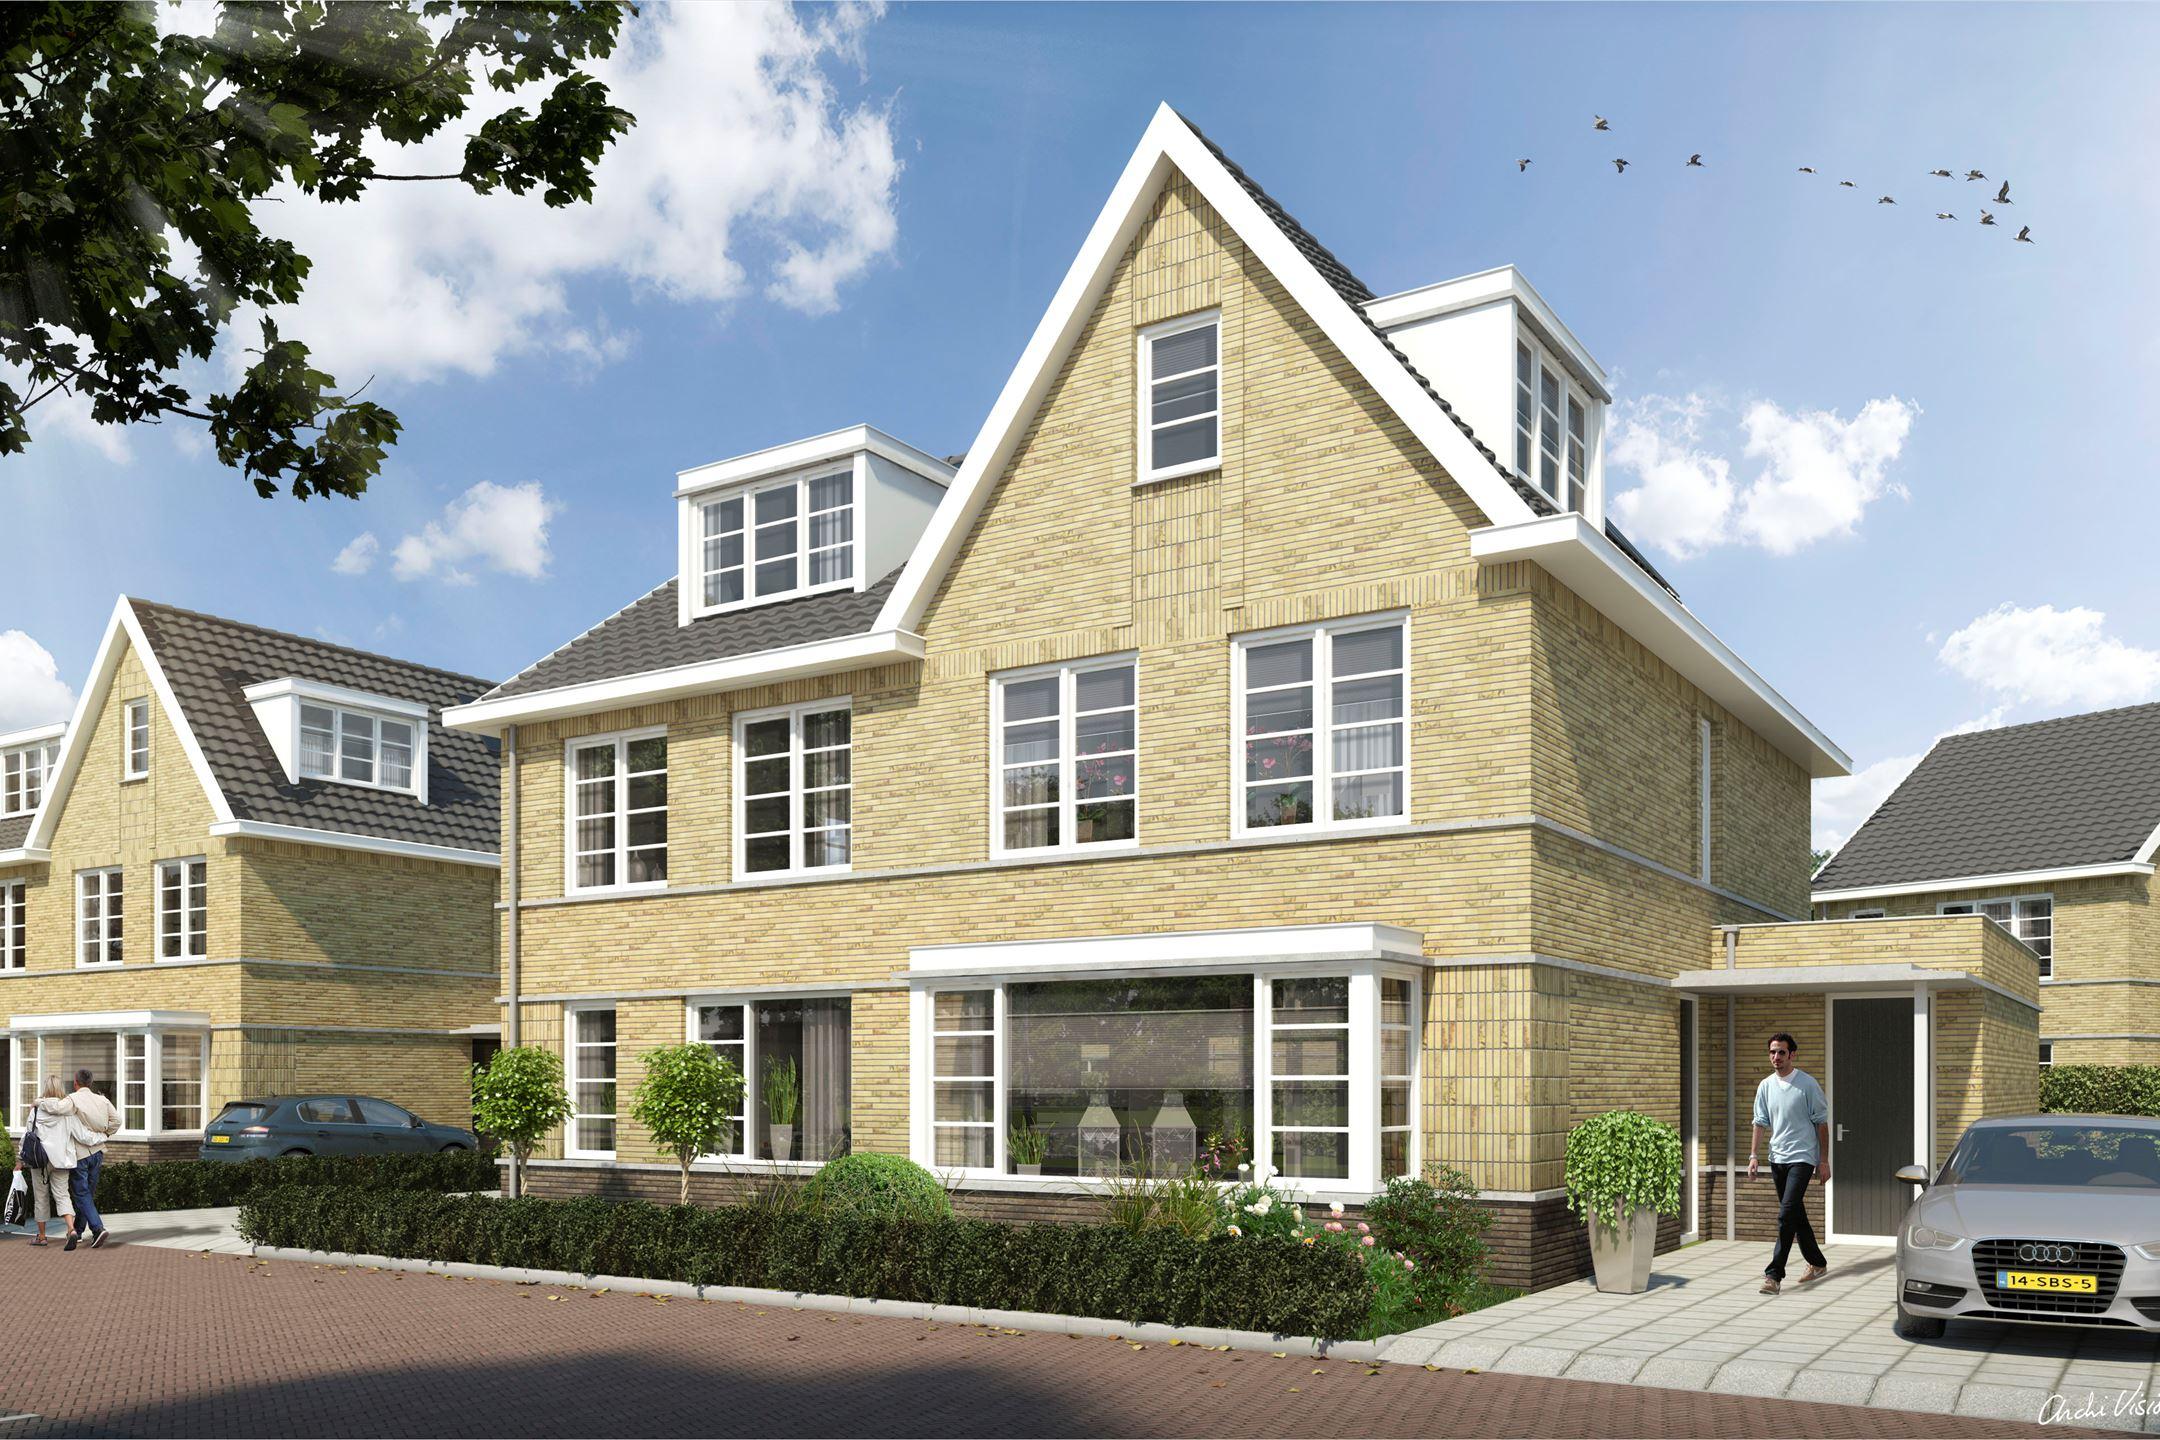 Huis te koop nieuwbouw woolderpark helft van dubbel for Dubbel woonhuis te koop